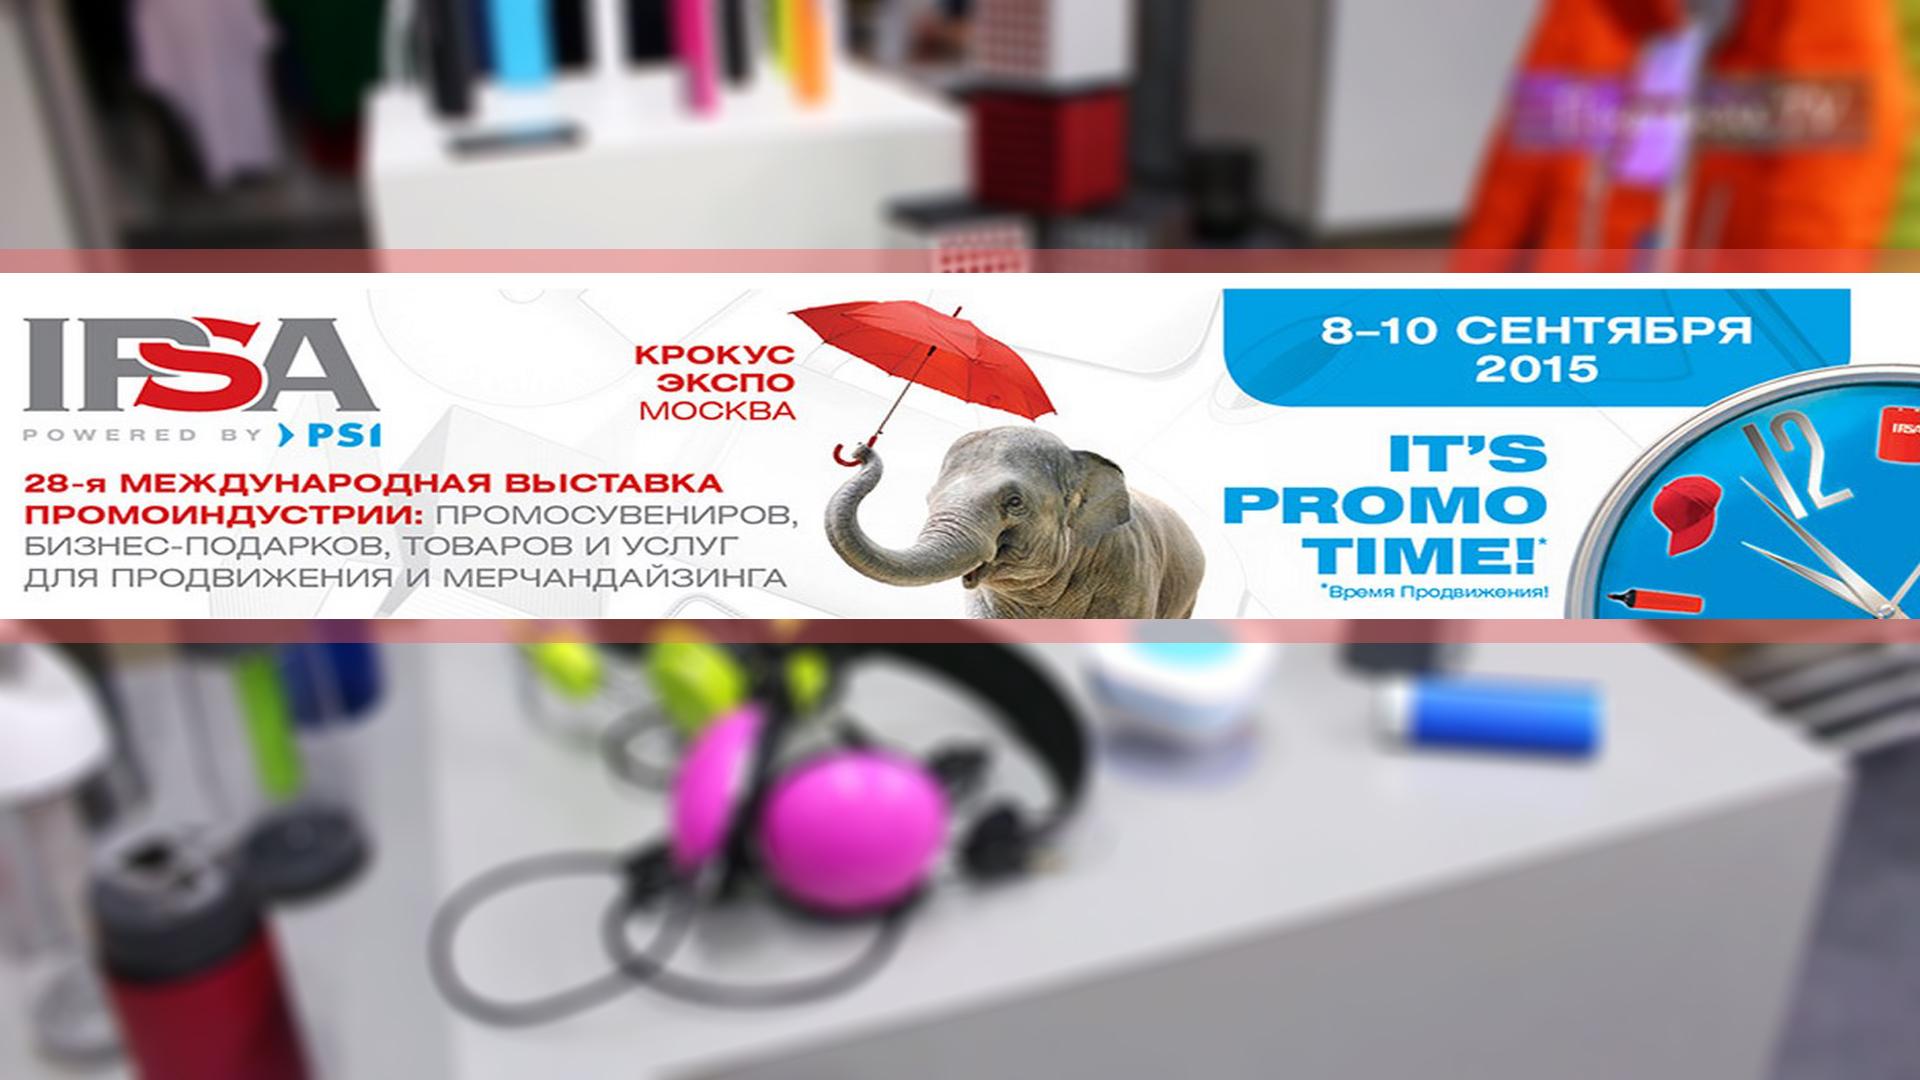 Видеоролик о выставке промоиндустрии IPSA Осень 2015